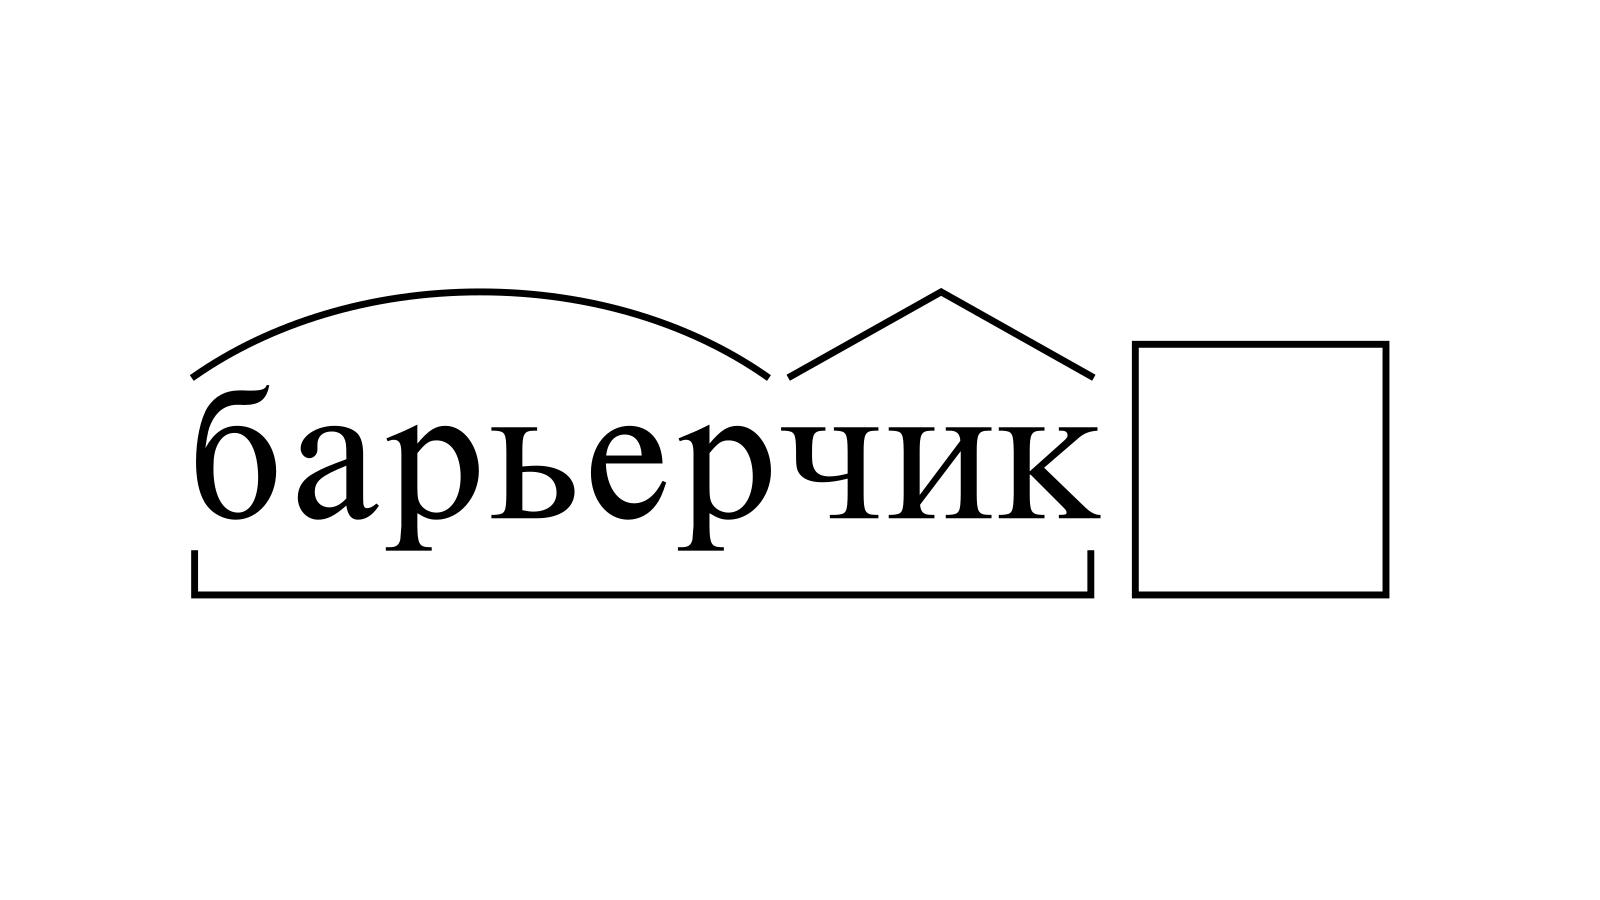 Разбор слова «барьерчик» по составу